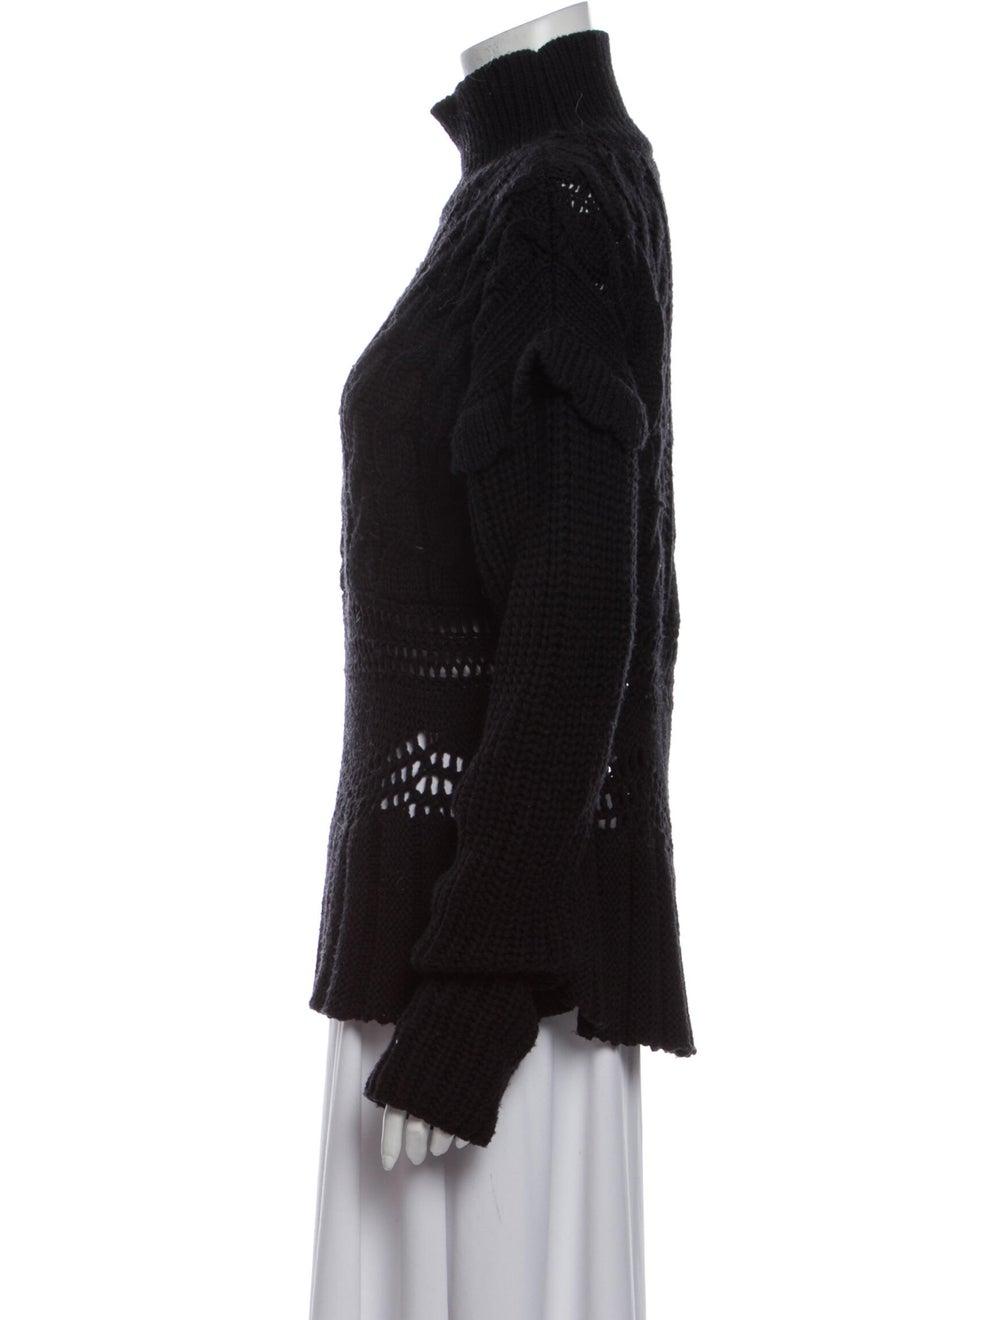 Altuzarra Turtleneck Sweater Black - image 2